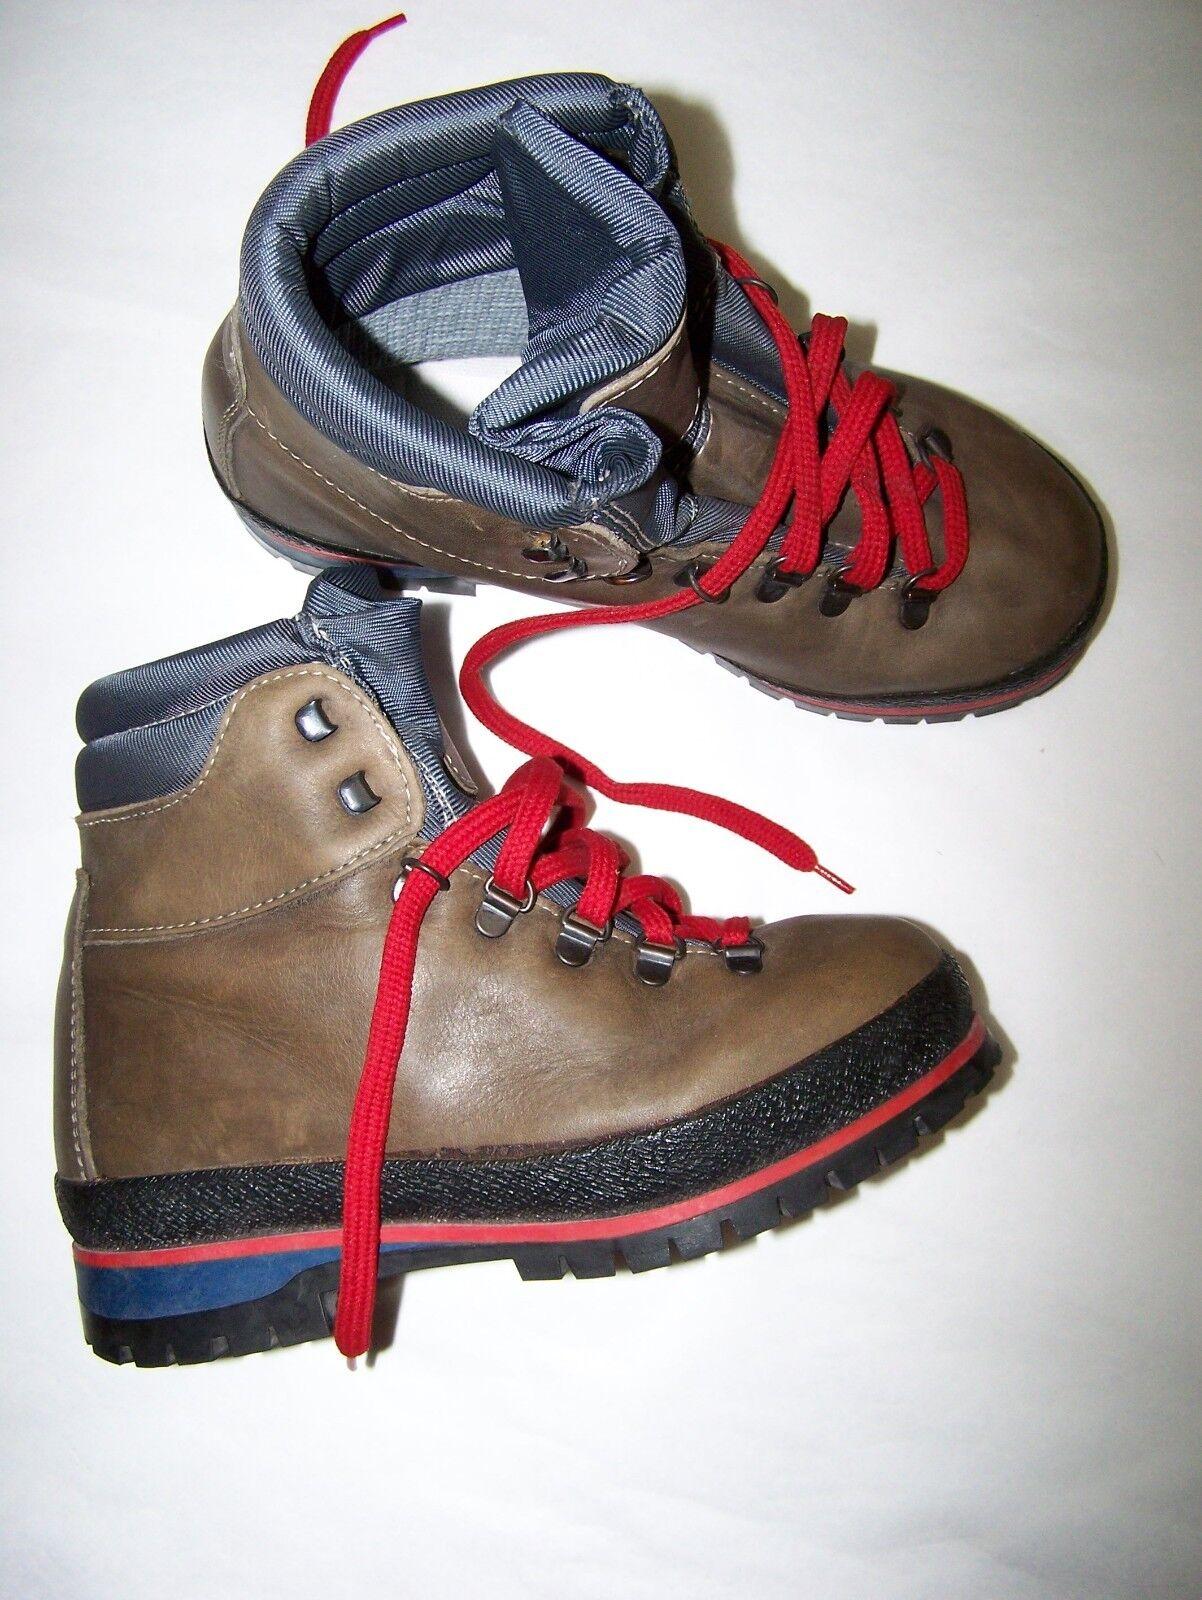 Chaussures SCARPONI  RANGE  MONTAGNA  TREKKING chaussures N°36